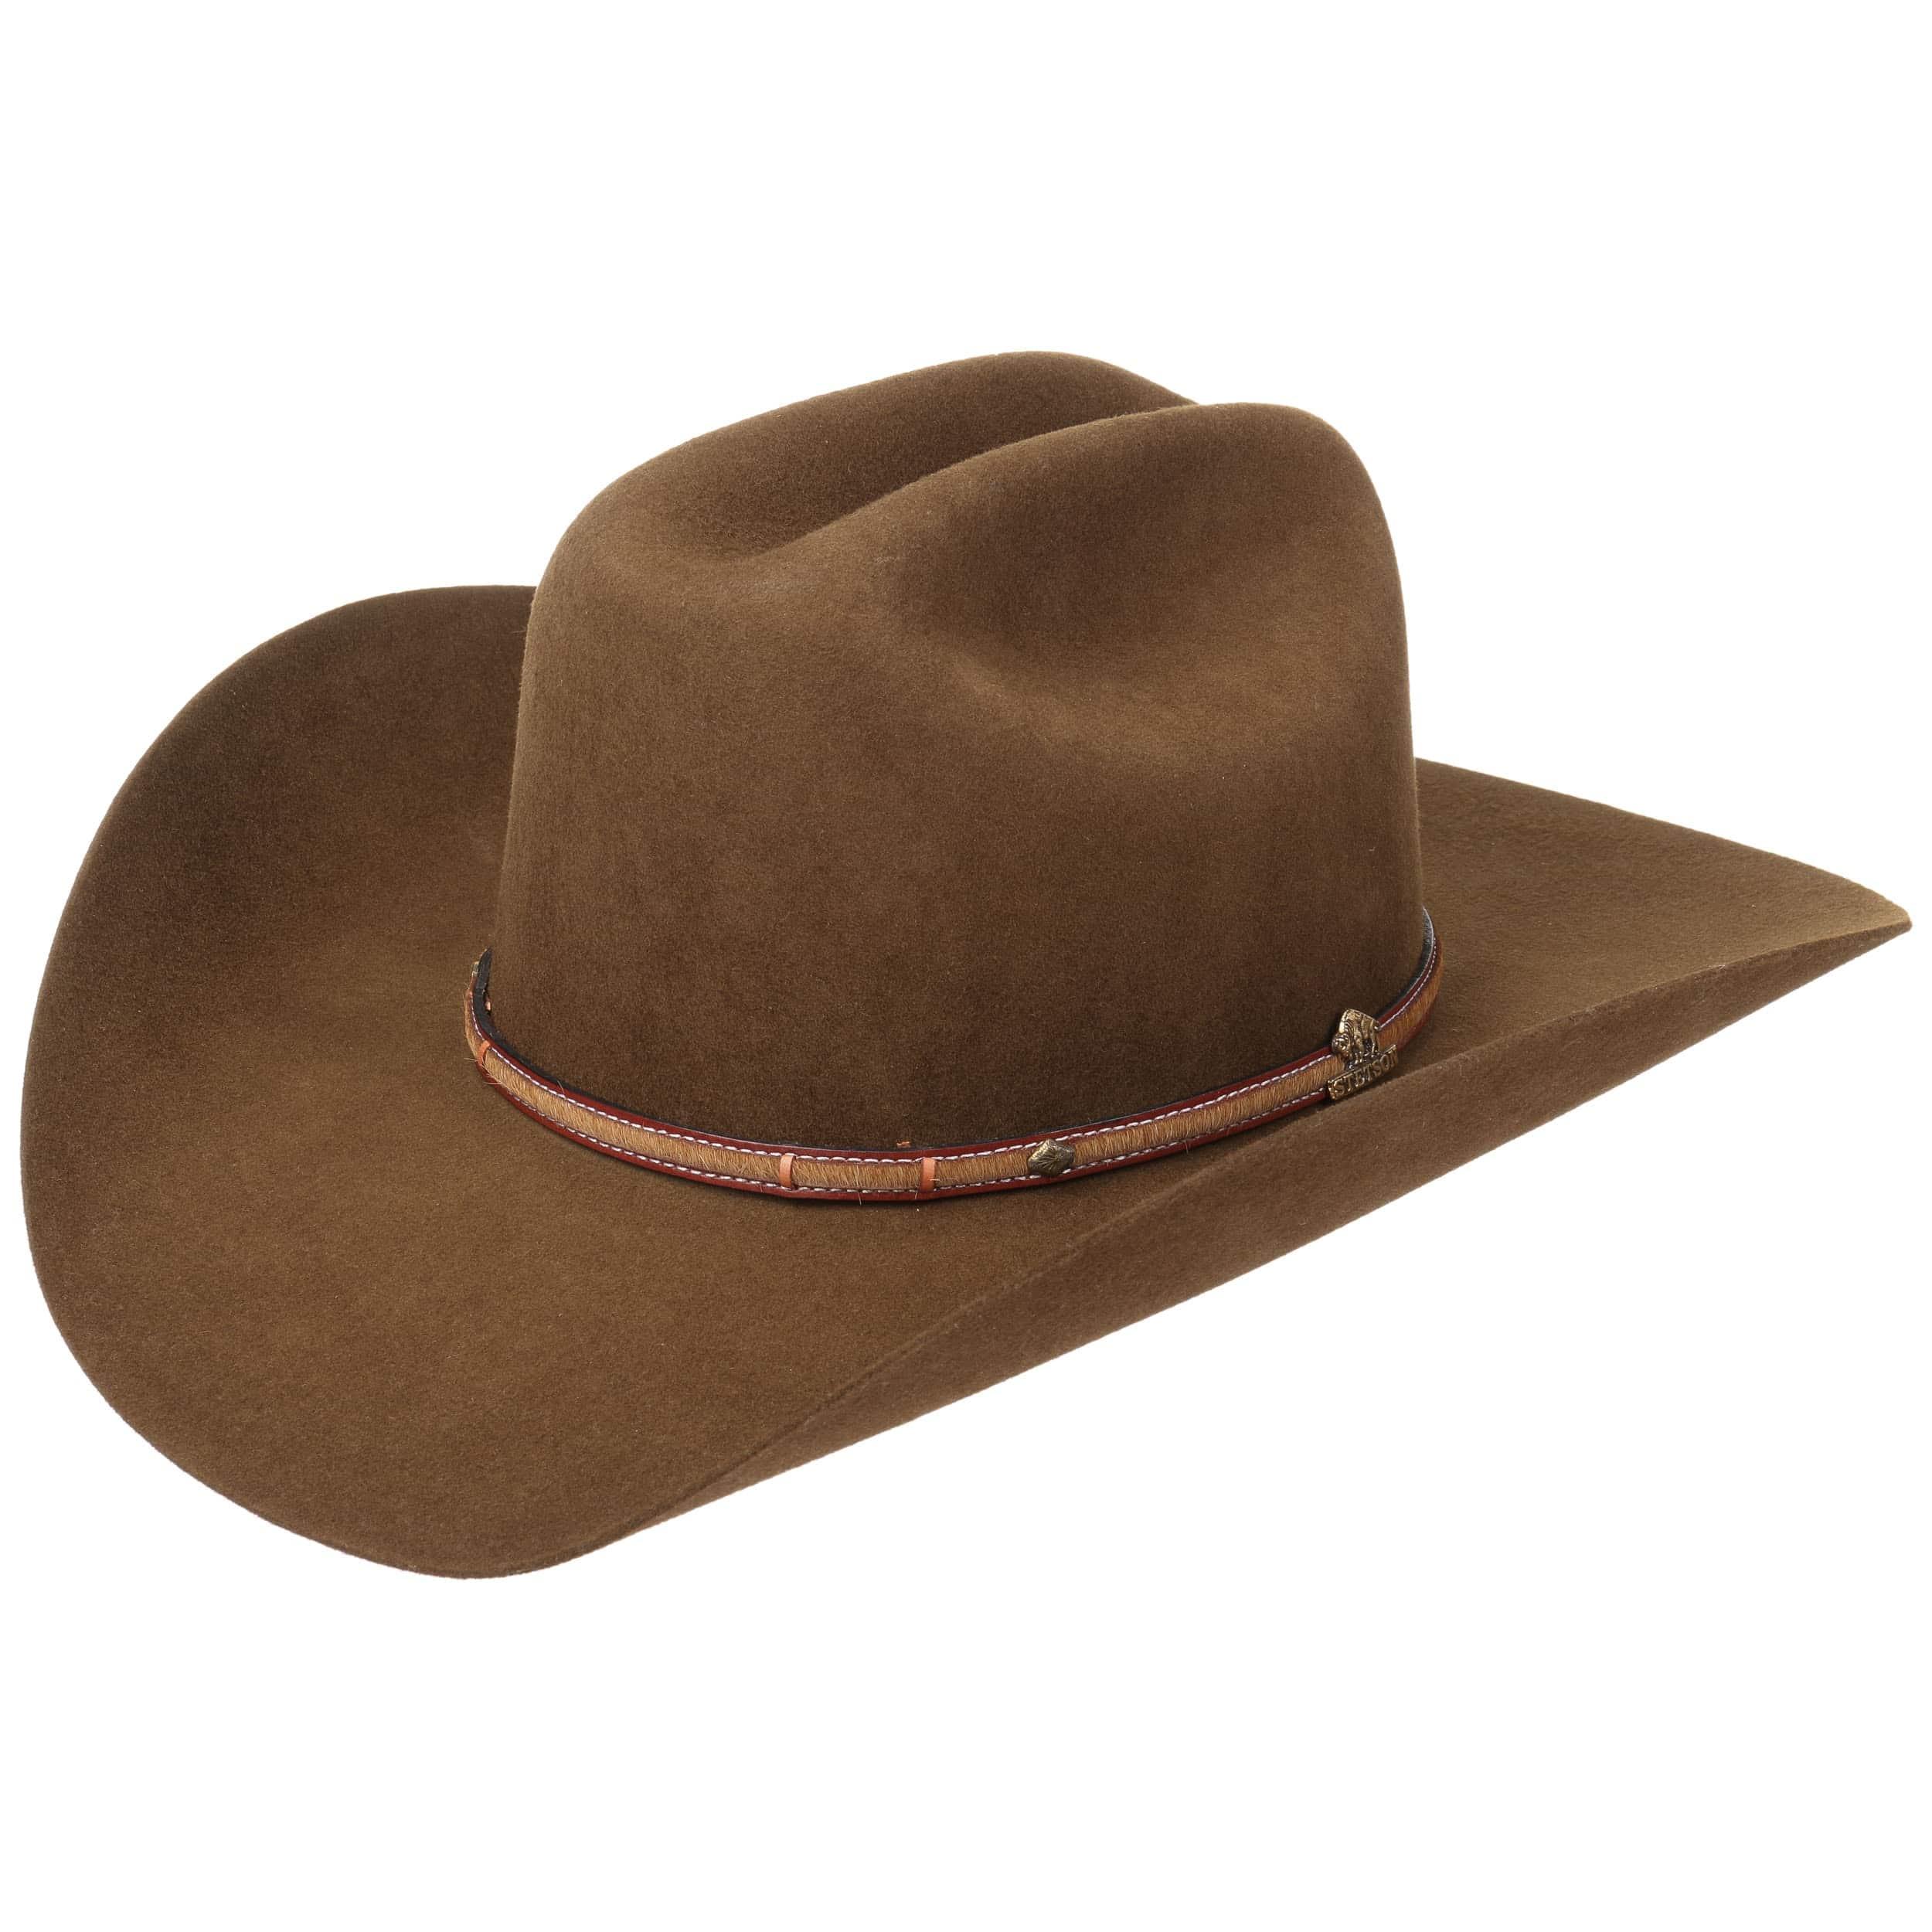 Sombrero Vaquero Powder River by Stetson - Sombreros - sombreroshop.es b3df09805ef